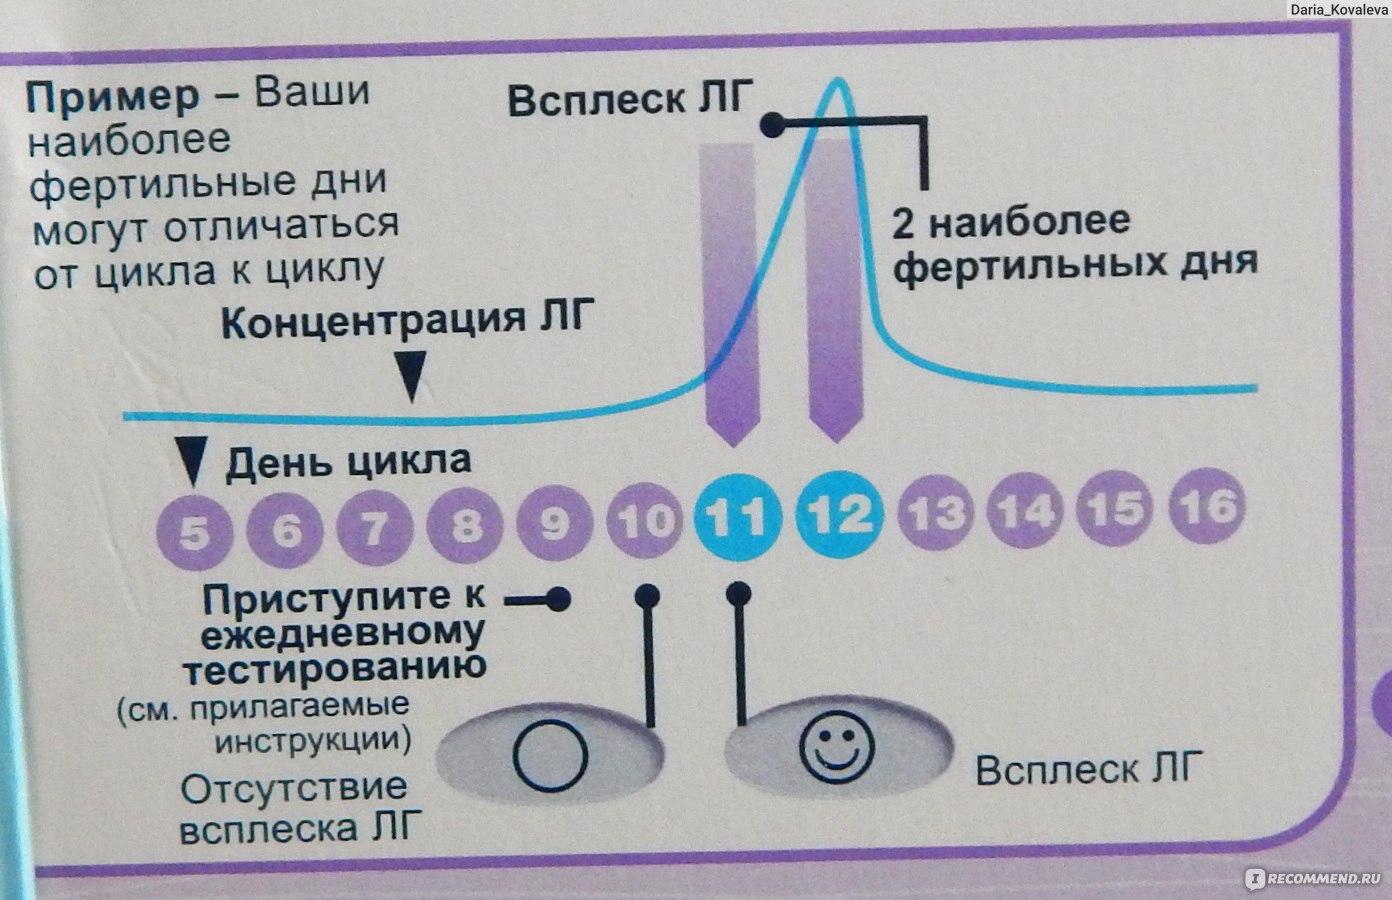 Мультифолликулярные яичники и отсутствие овуляции как забеременеть